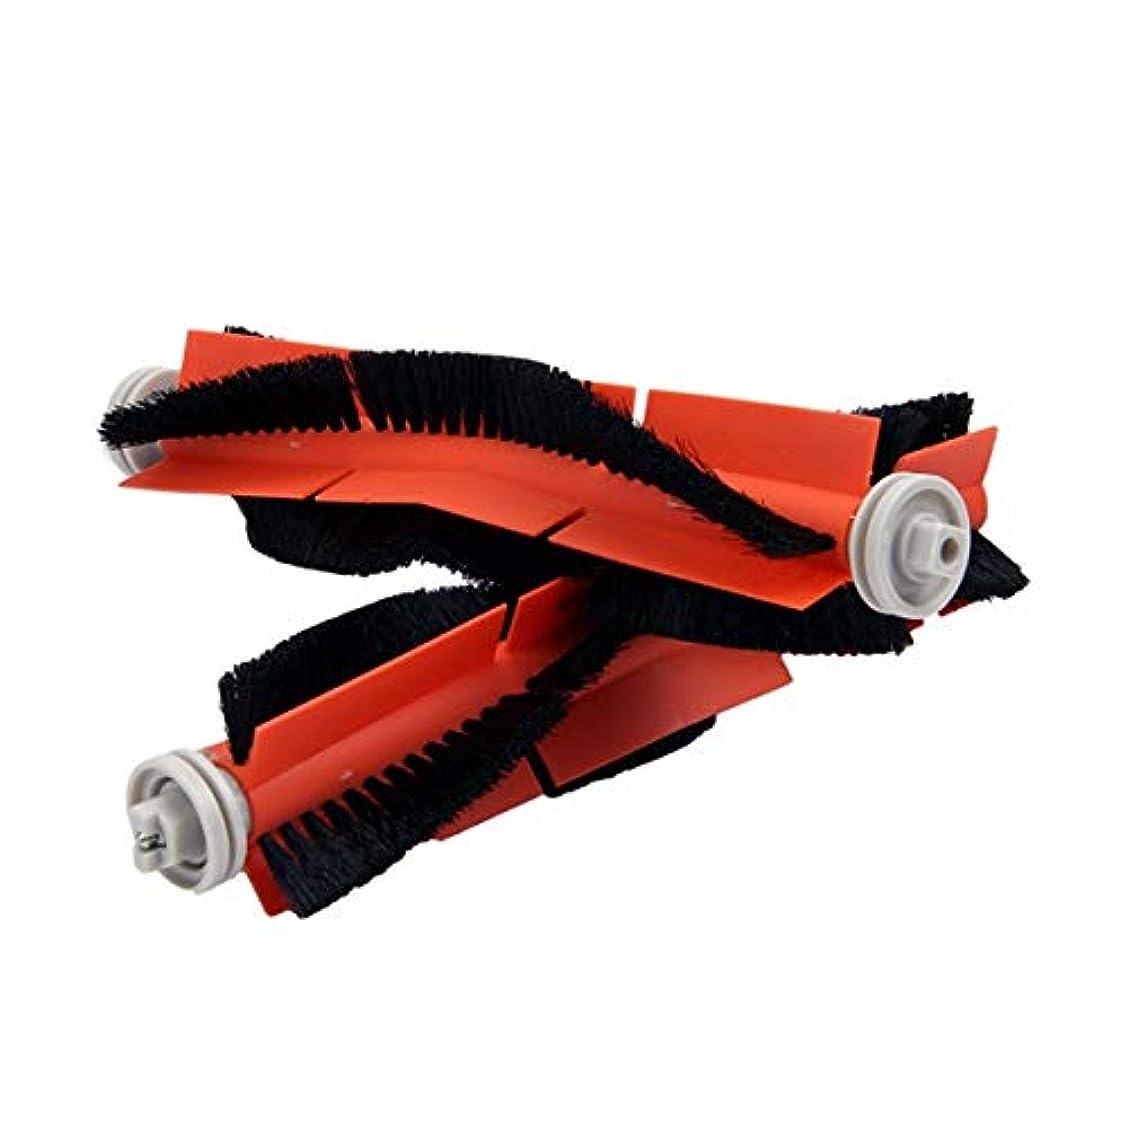 ACAMPTAR 掃除機部品アクセサリー / roborock用アクセサリー3 本 サイドブラシ2個 HEPAフィルター2個 メインブラシ1個 クリーニングツール